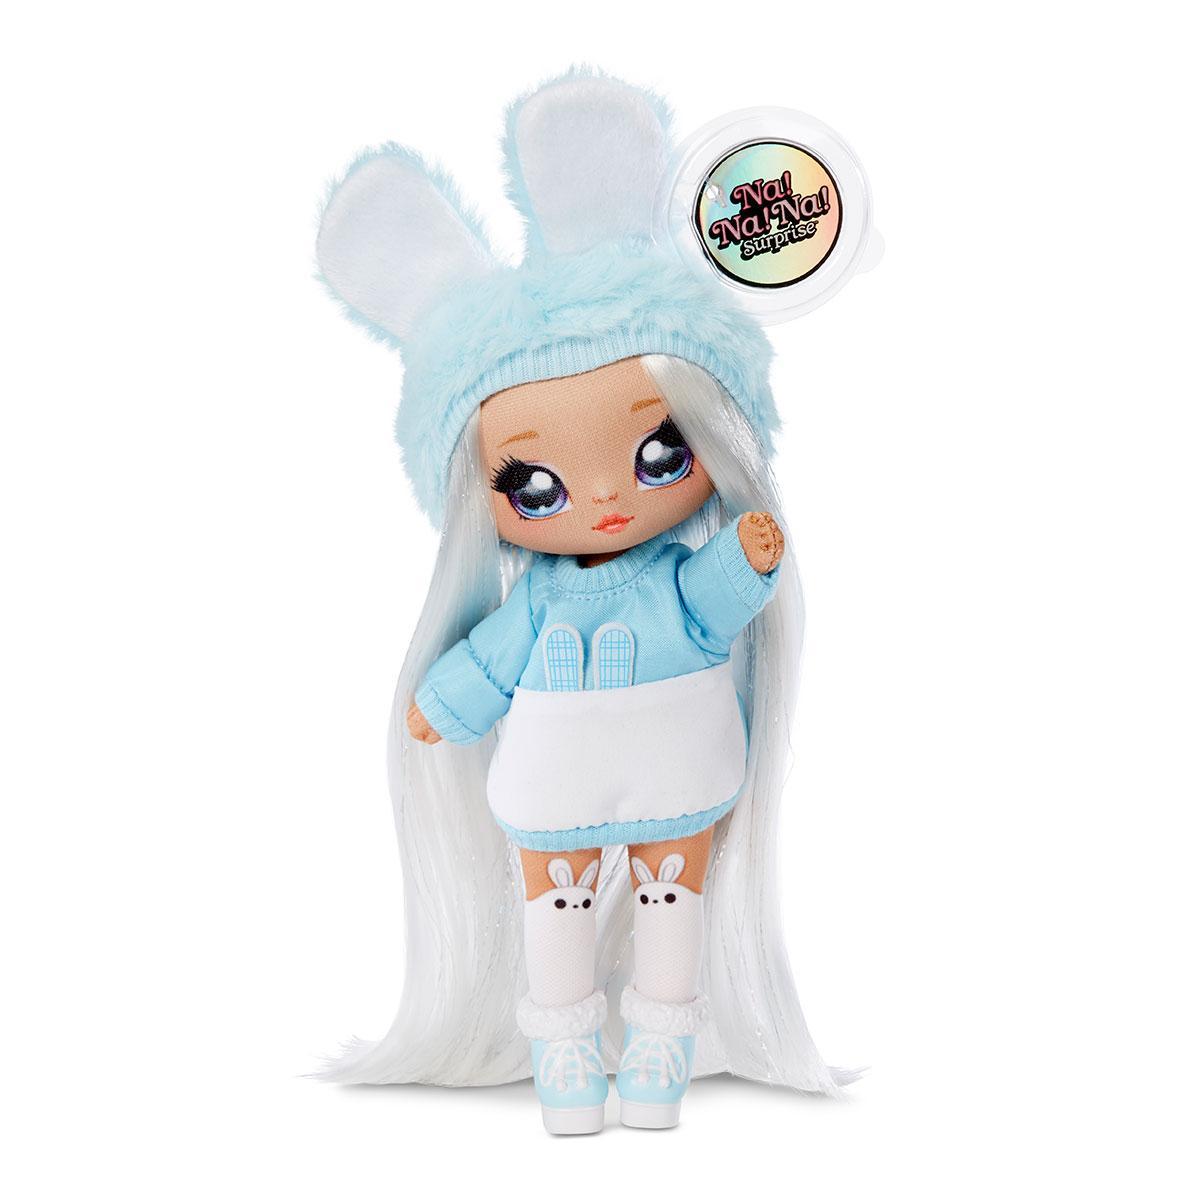 Игровой набор с куклой NA! NA! NA! Surprise S1 W2 – Аспен Флафф, 564737-W2-4